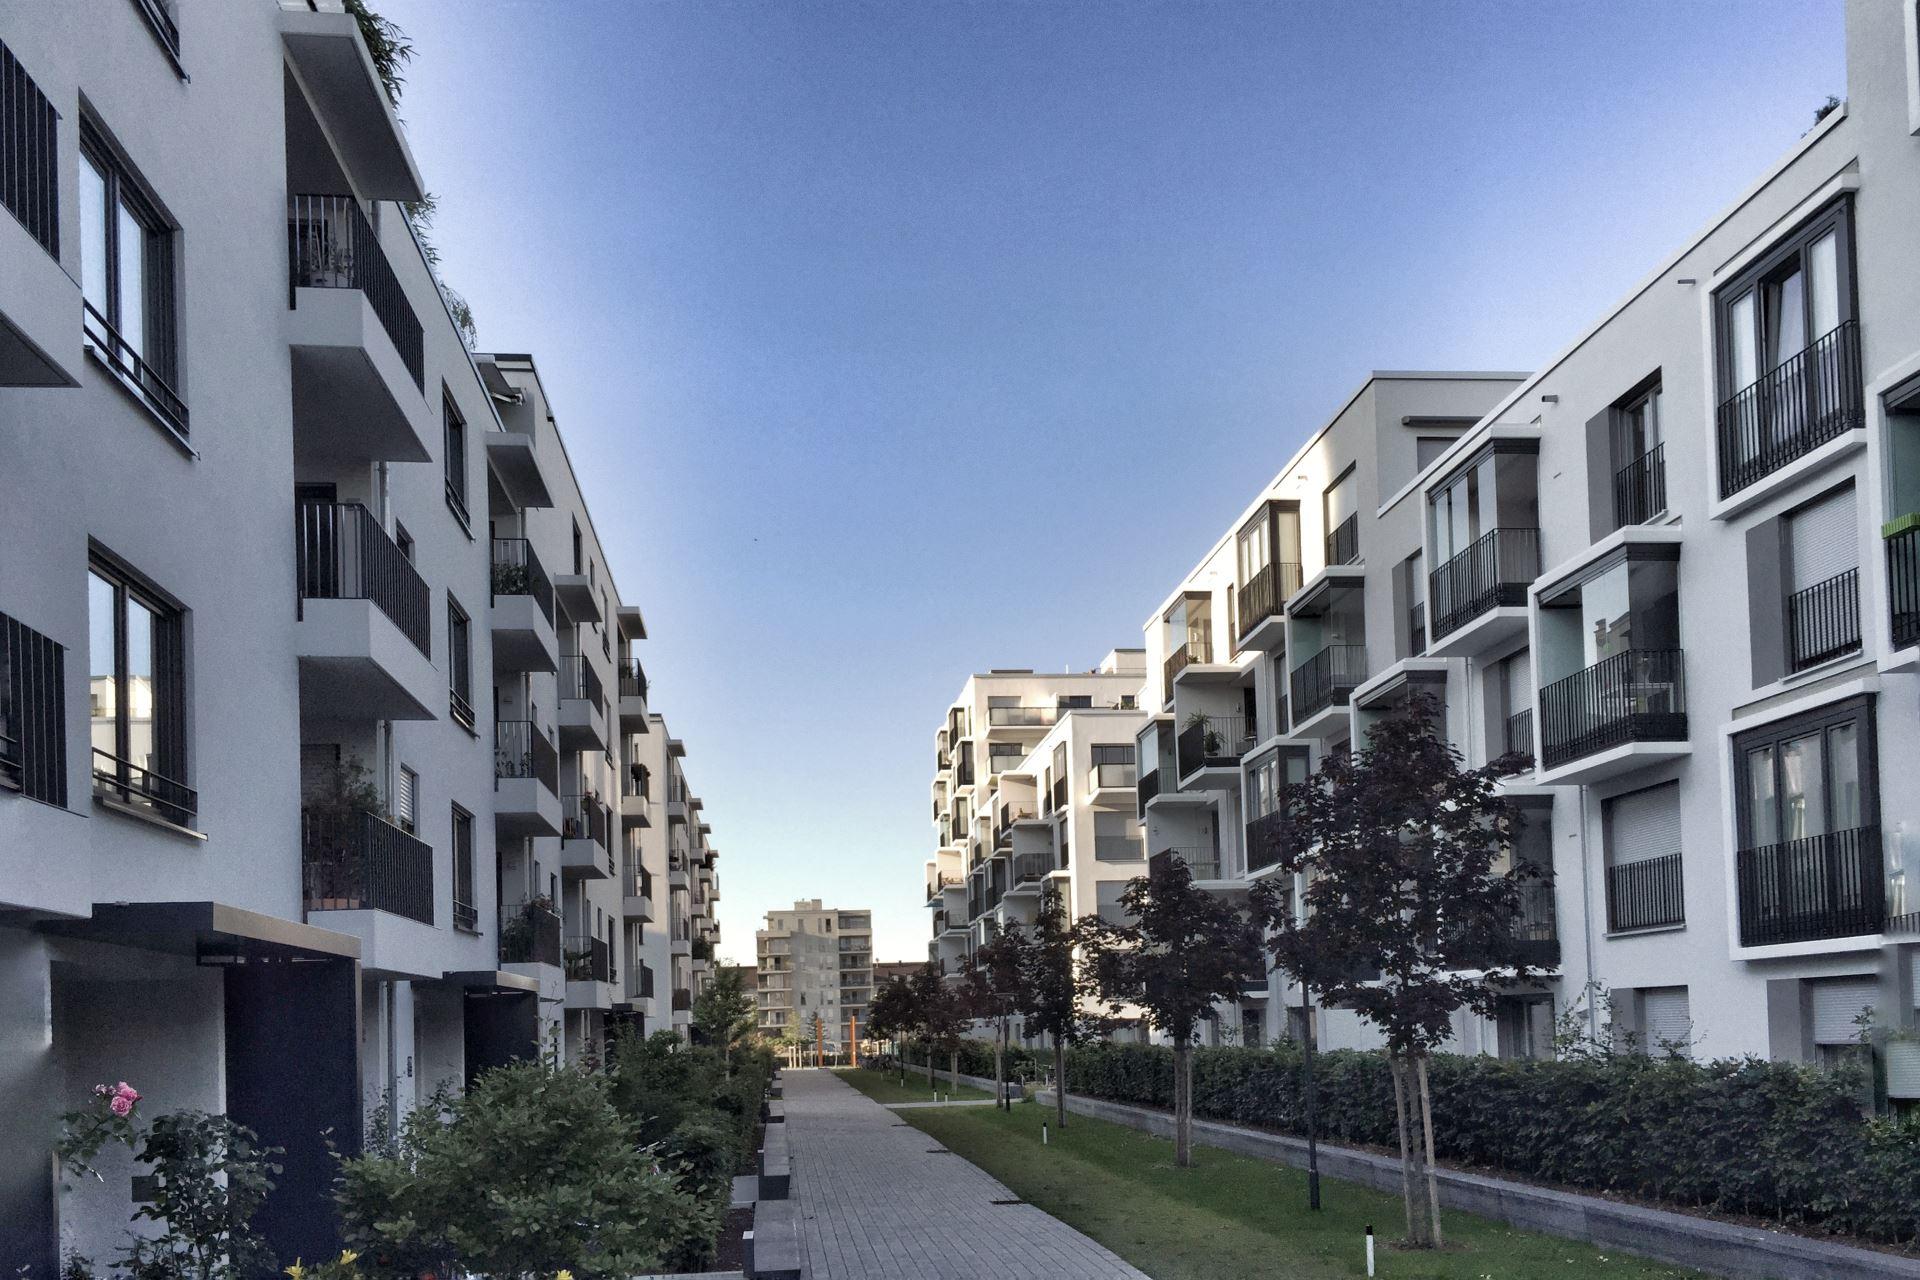 Thumm Hausverwaltung Ihre WEG-Verwaltung aus München